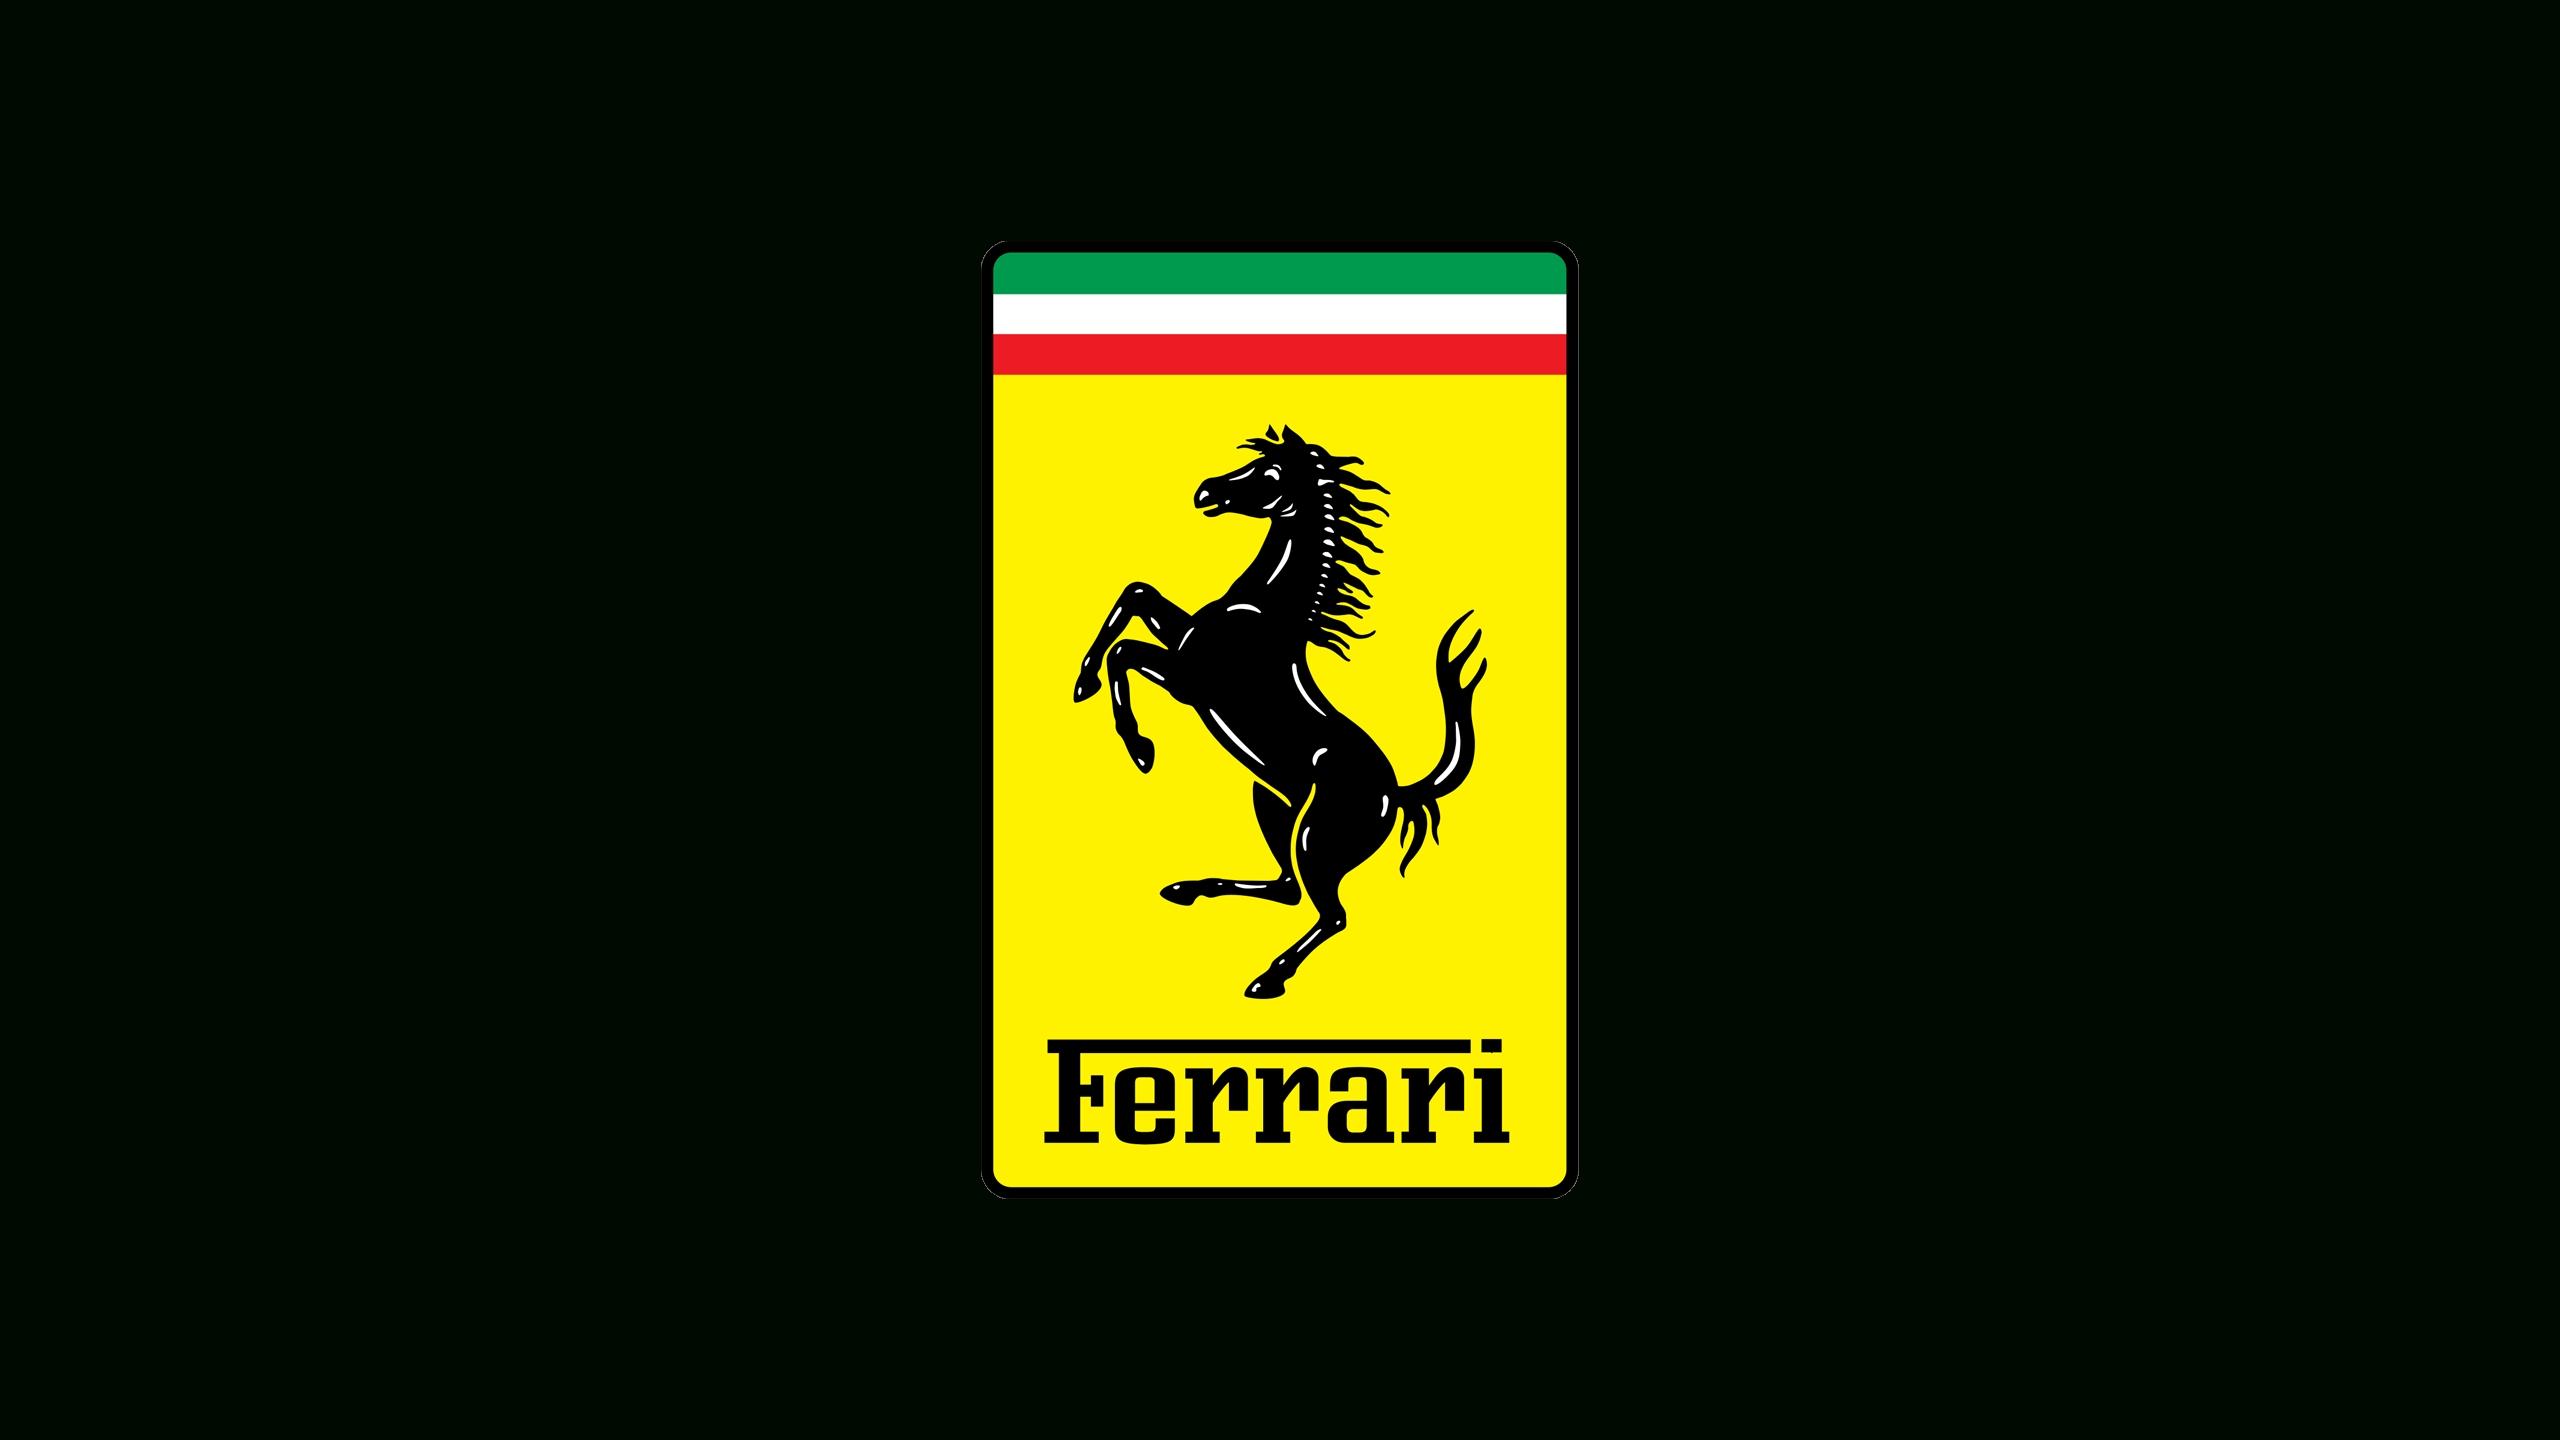 ferrari logo, hd png, meaning, information | carlogos